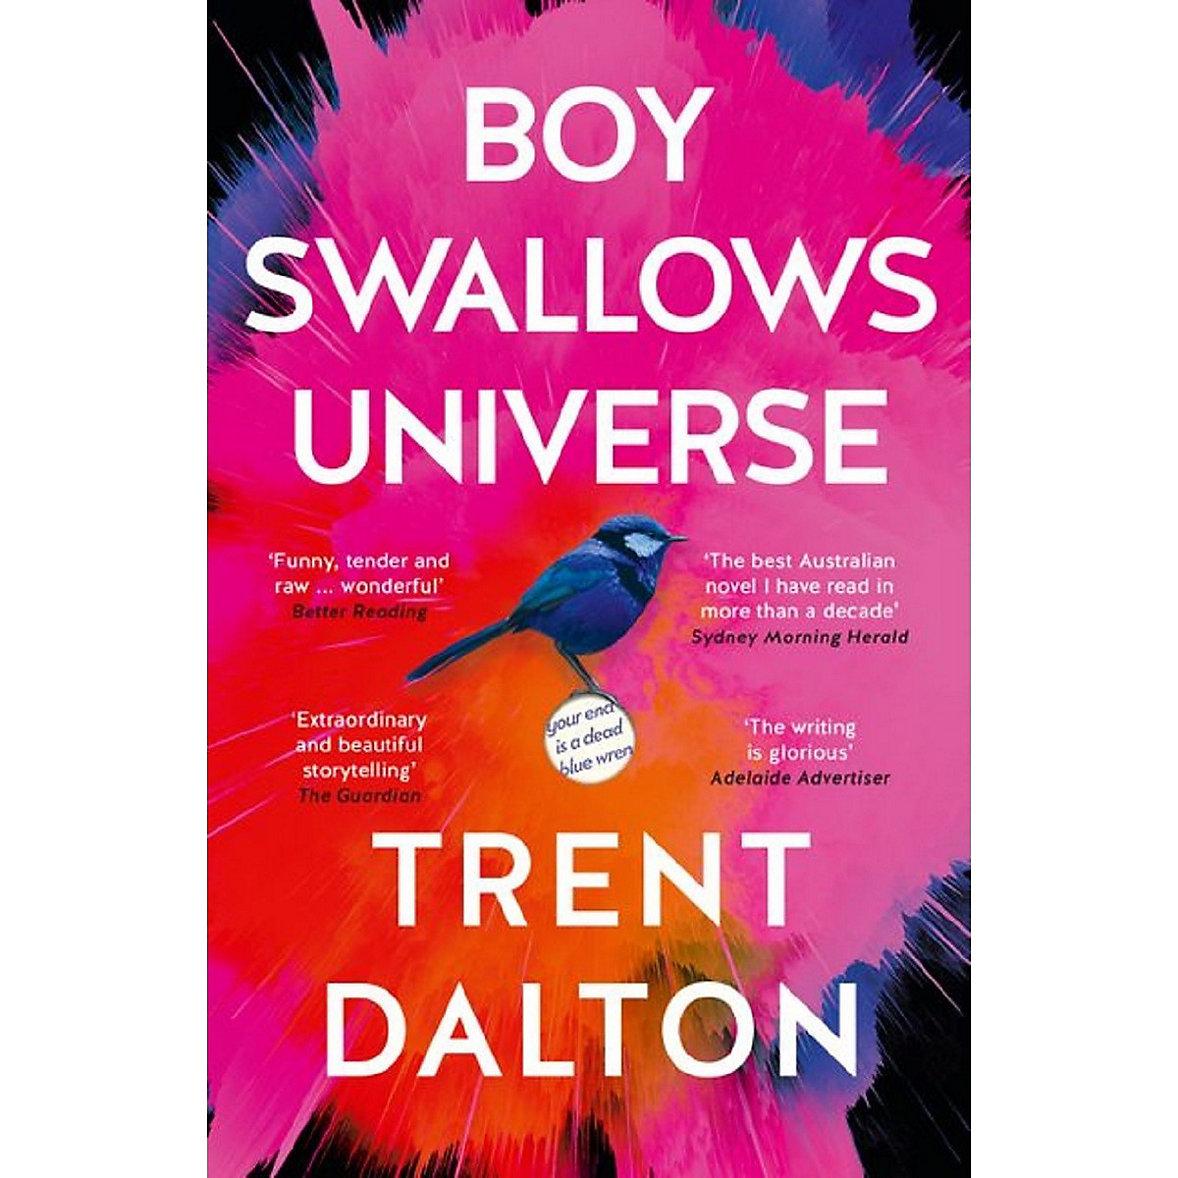 Boy Swallows Universe - Trent Dalton